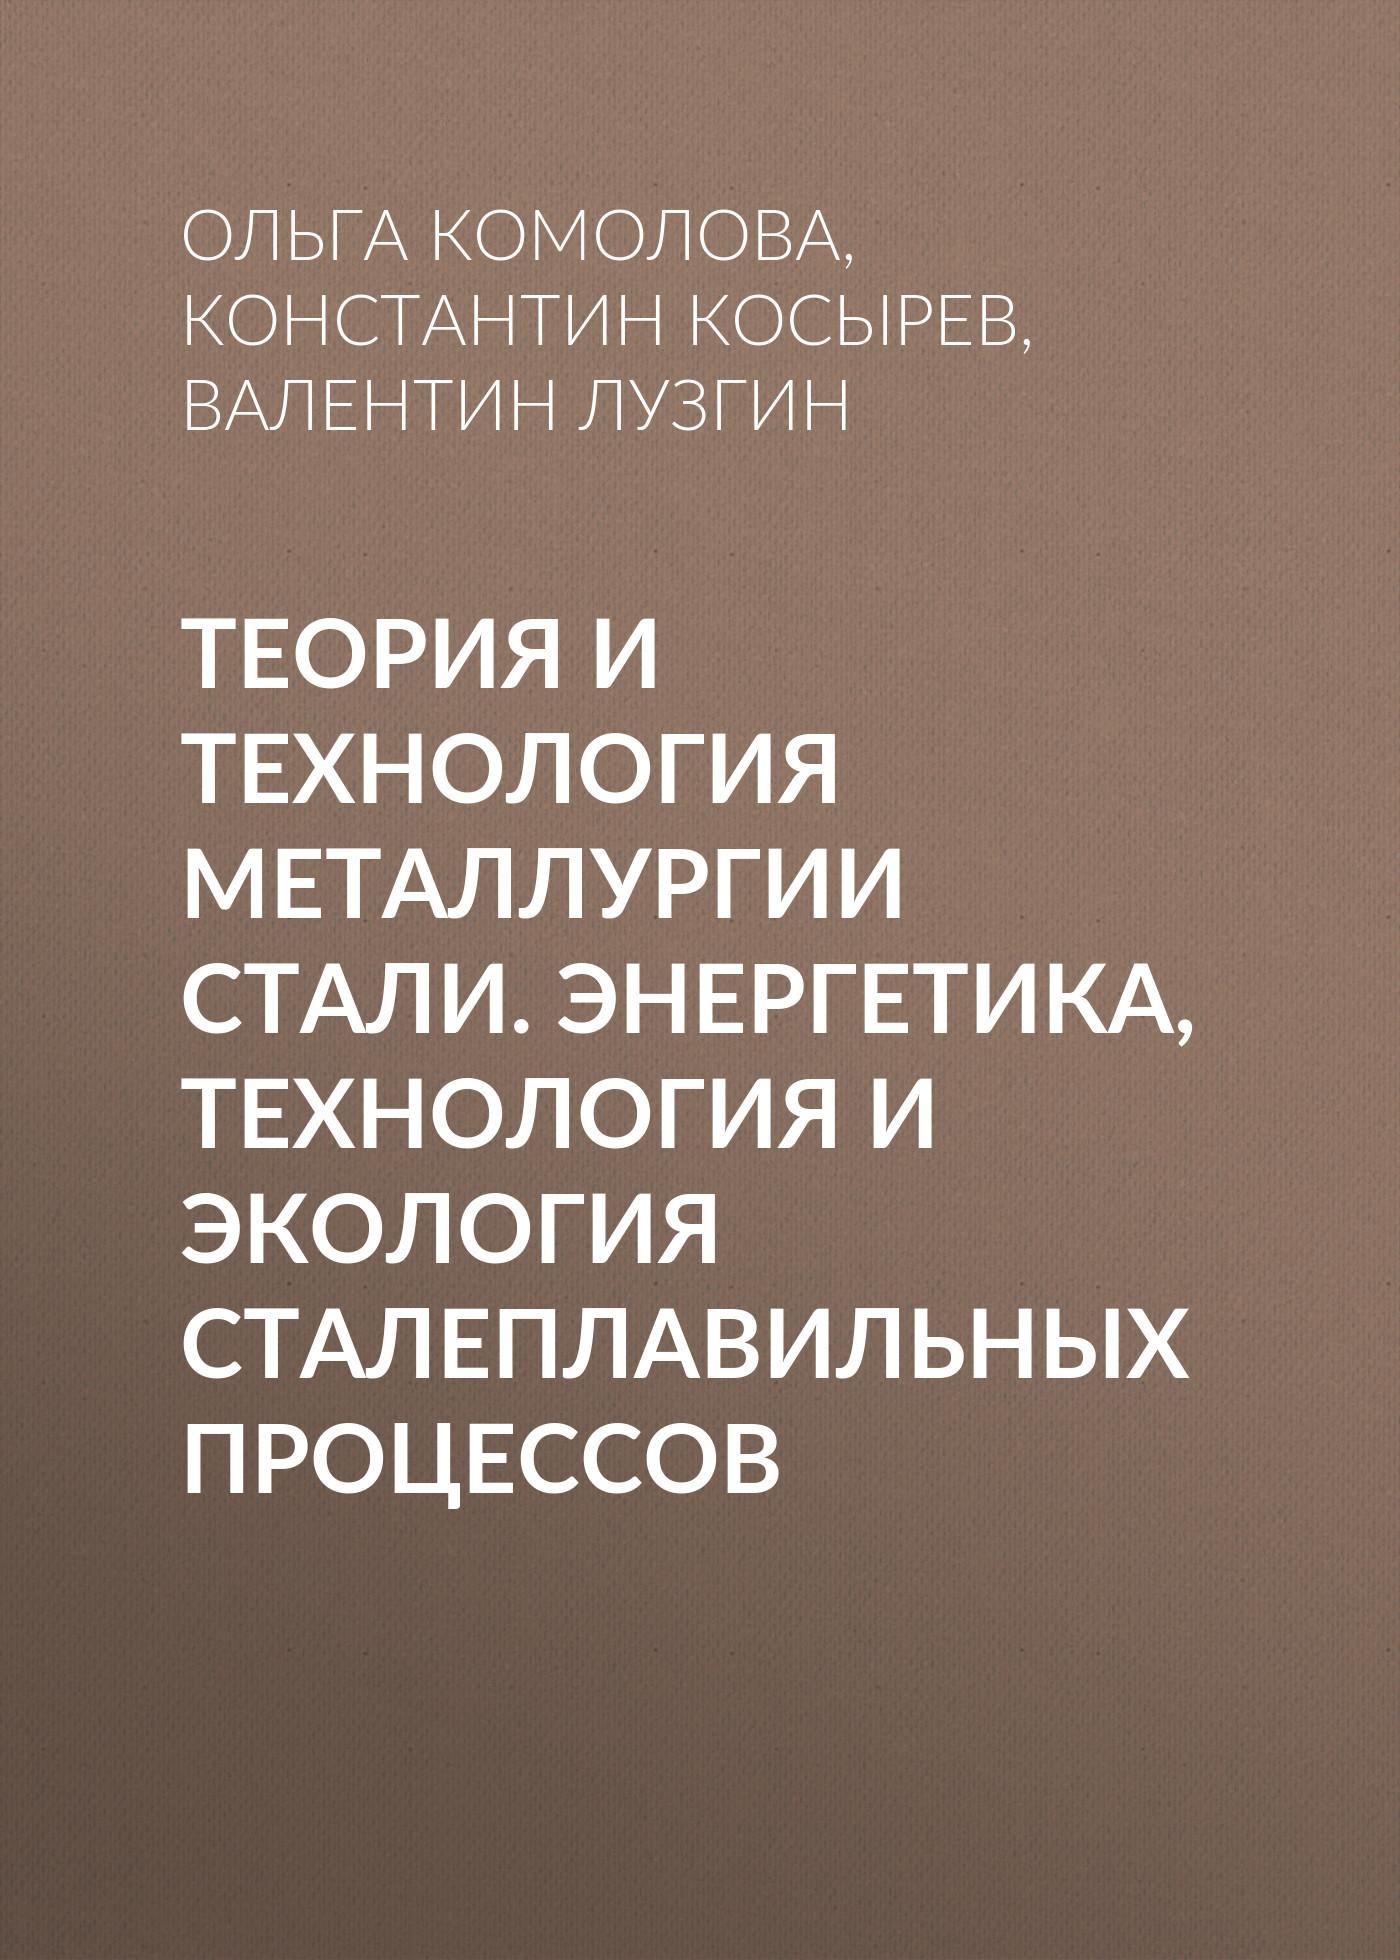 Валентин Лузгин Теория и технология металлургии стали. Энергетика, технология и экология сталеплавильных процессов